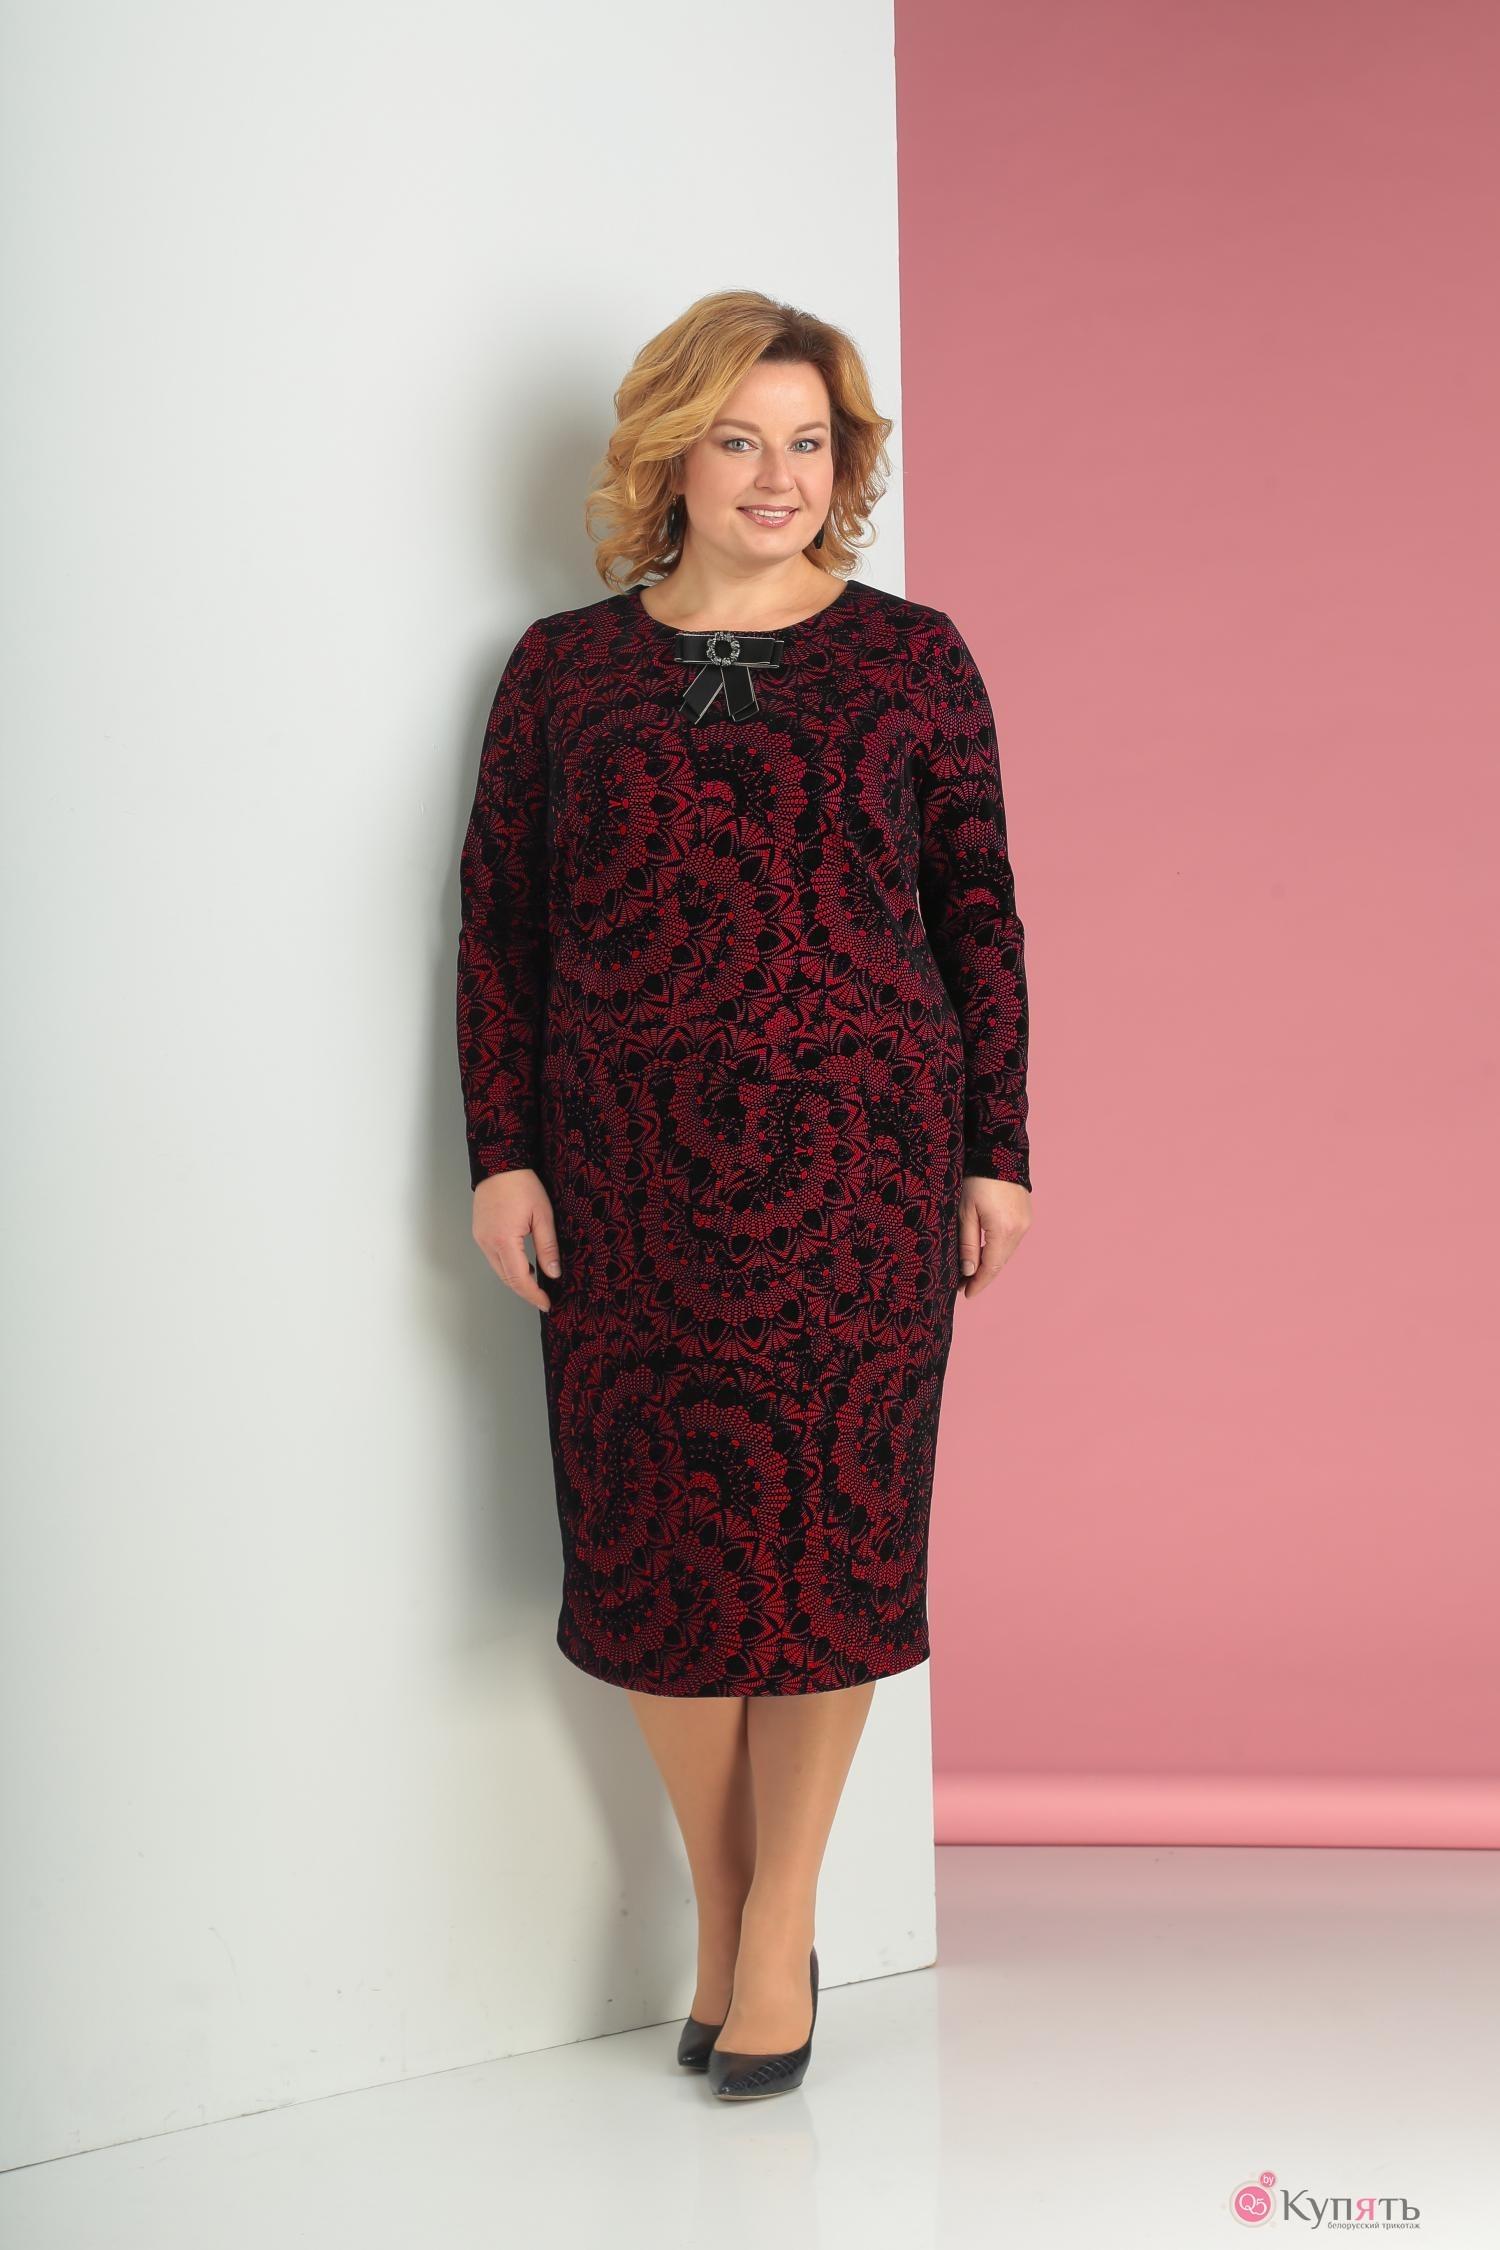 086854a3bc5 Платье Novella Sharm (Альгранда) 3130 -3 - интернет-магазин женской ...